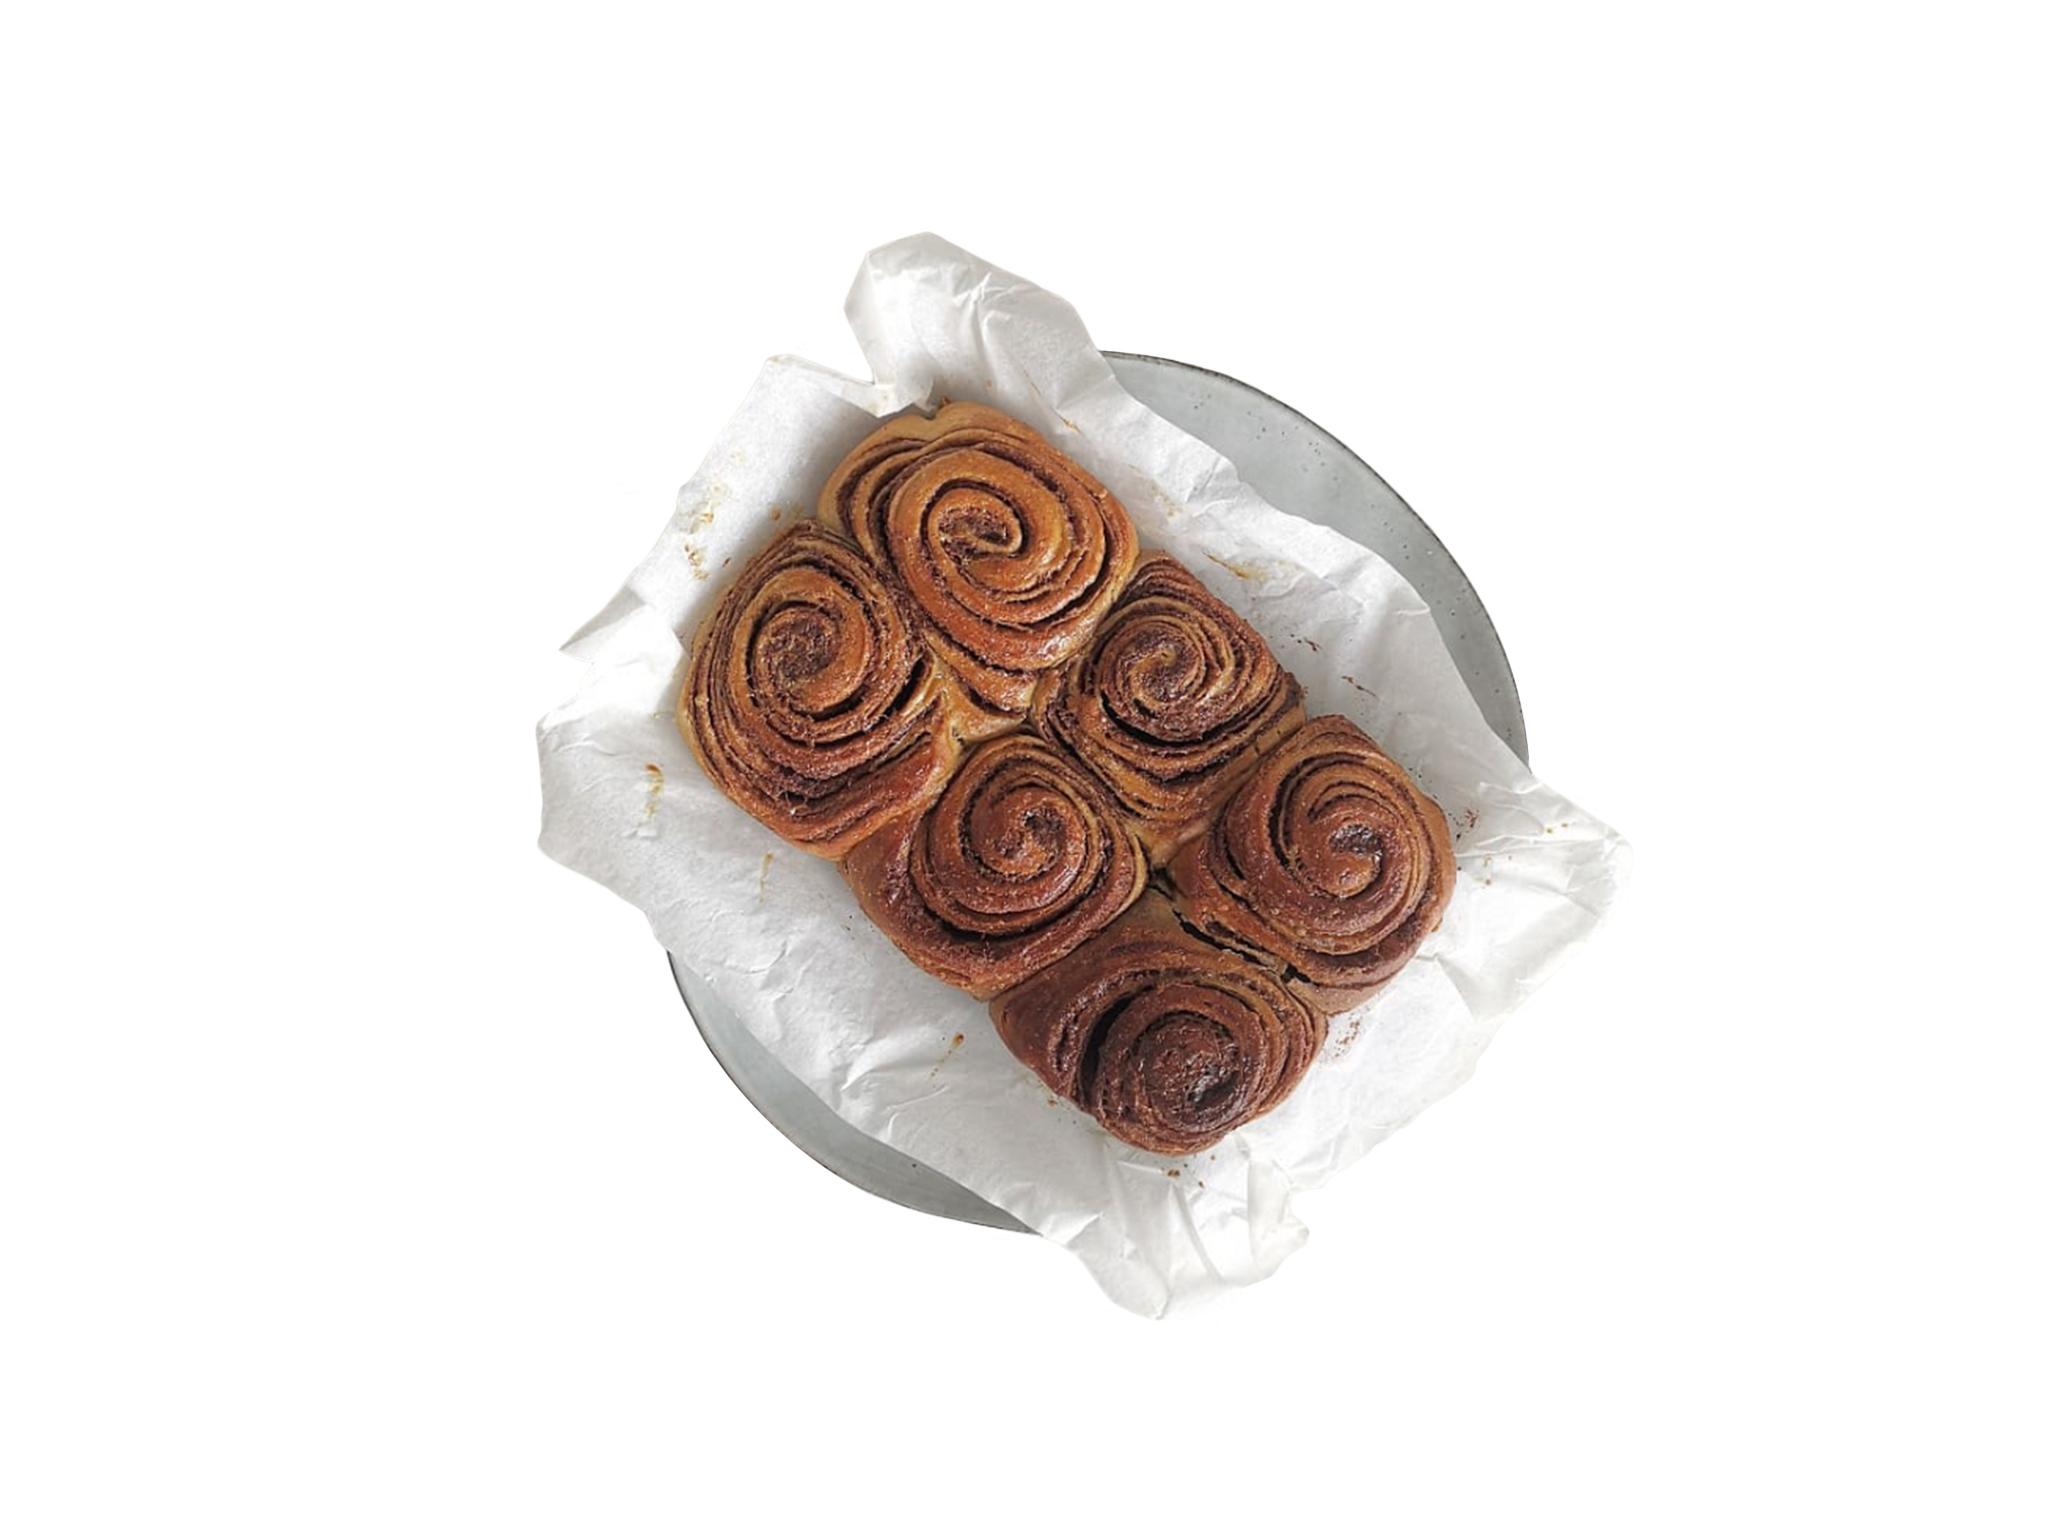 Pastelaria, Pão do  Beco, Cinnamon Rolls